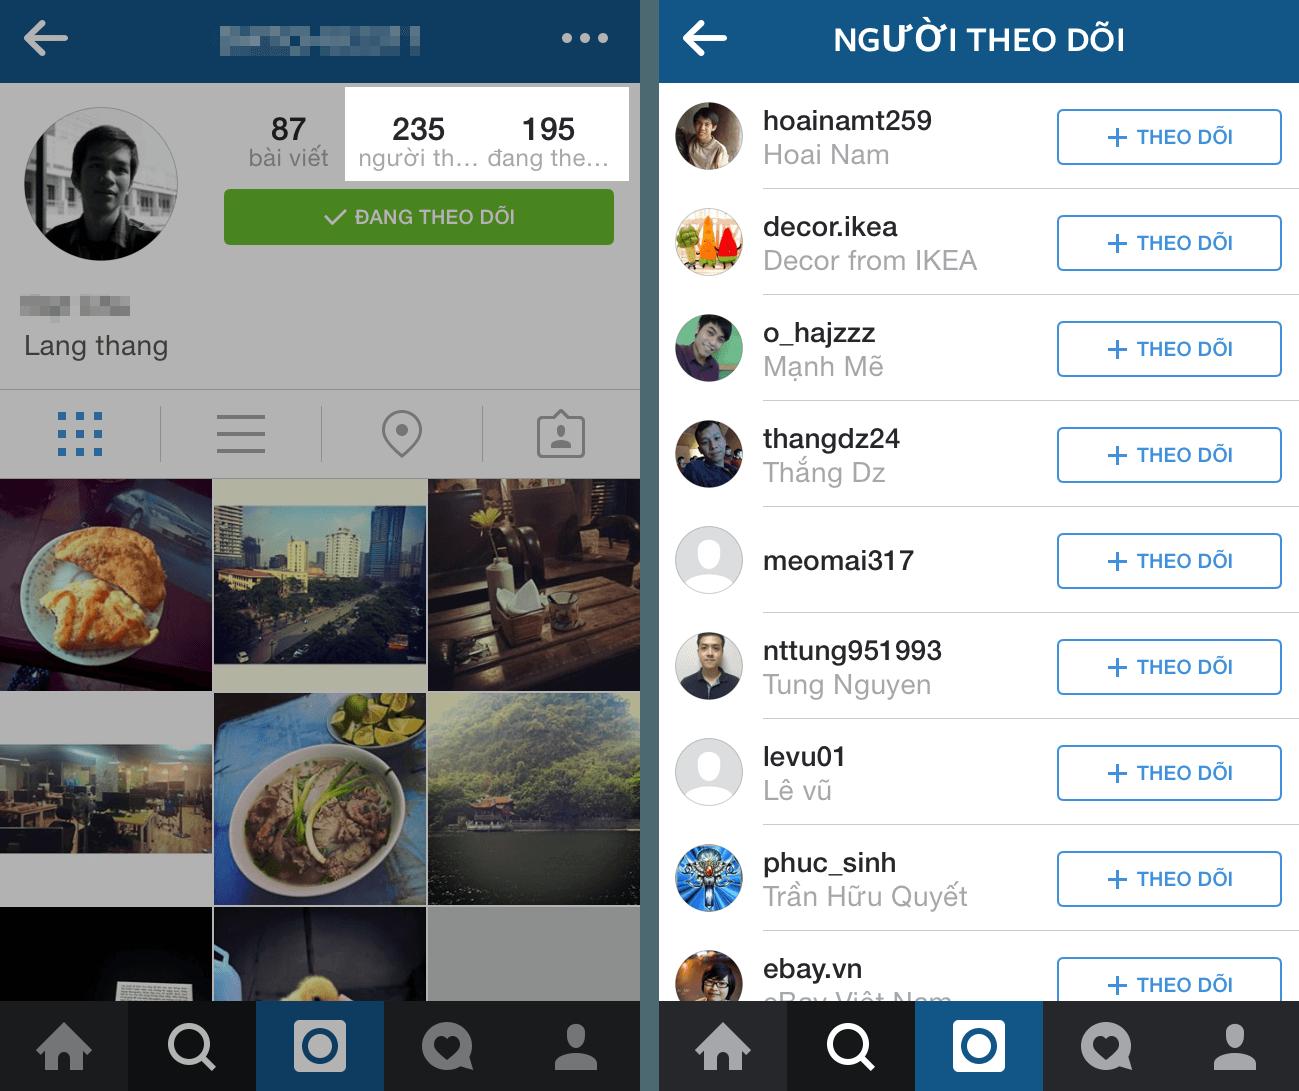 Bước 3 tiếp cận khách hàng trên instagram là những người đang theo dõi bạn